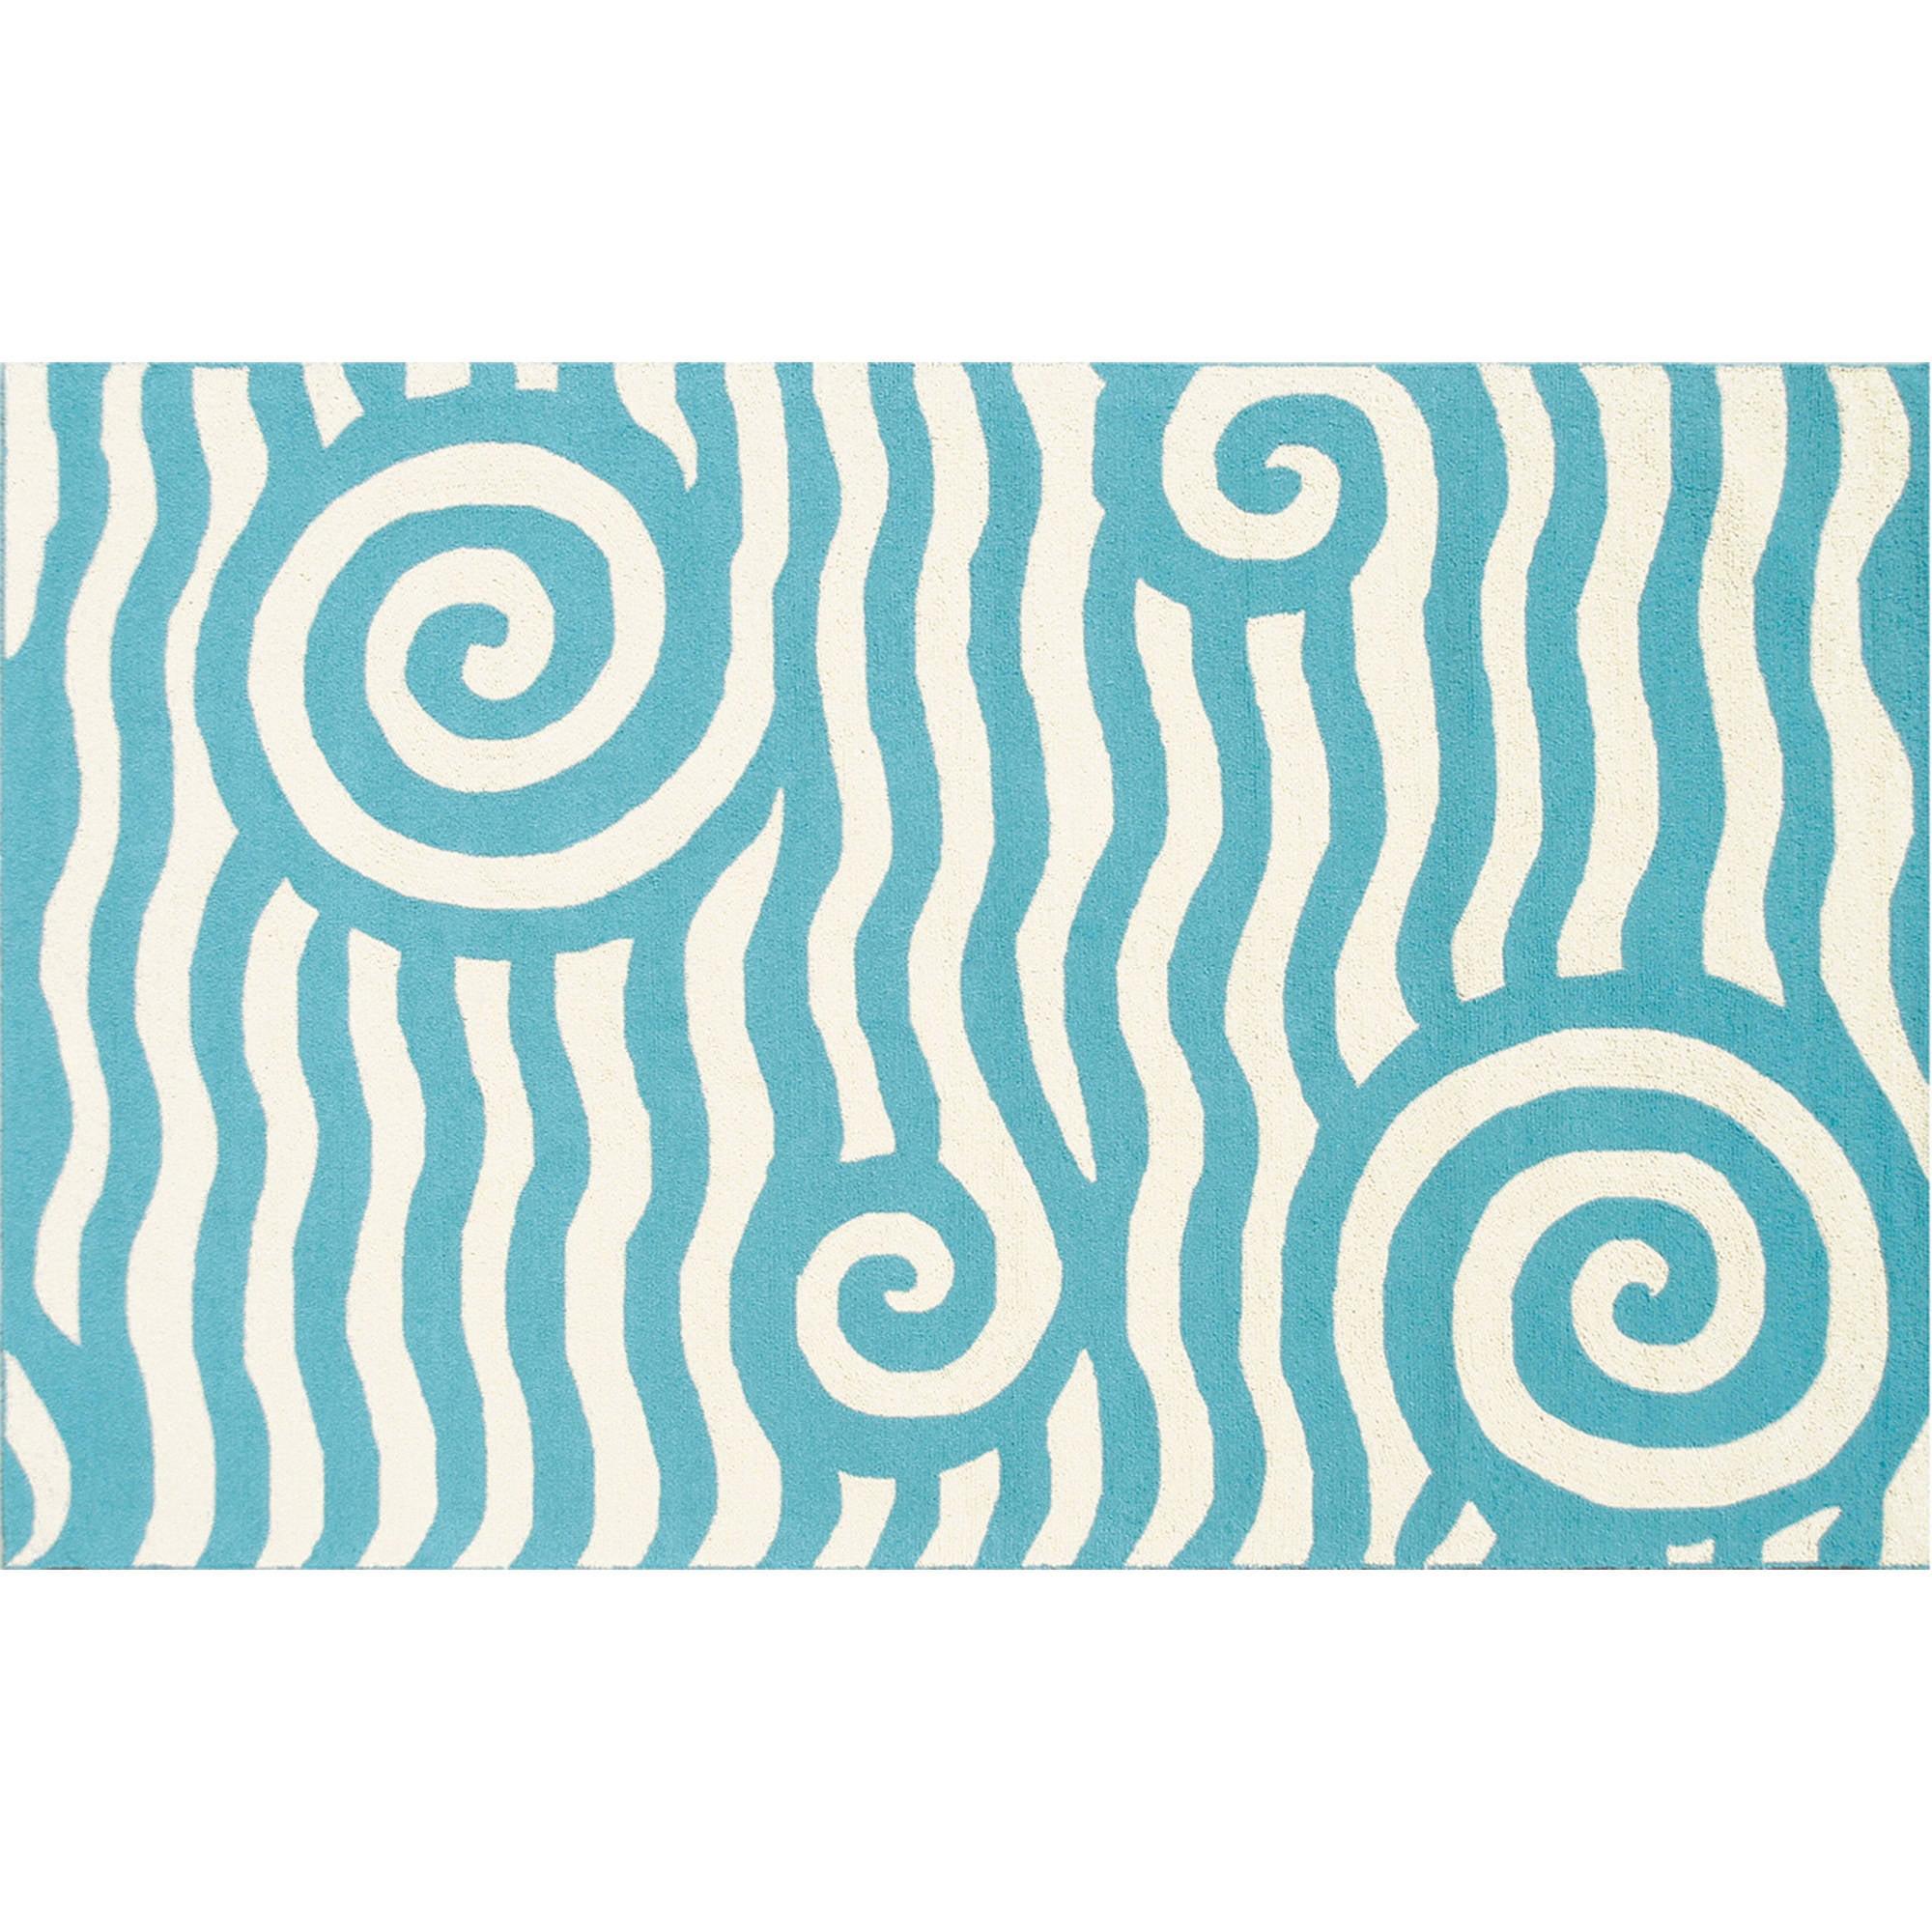 The Rug Market Yala Blue/White Rug, 5' x 8'